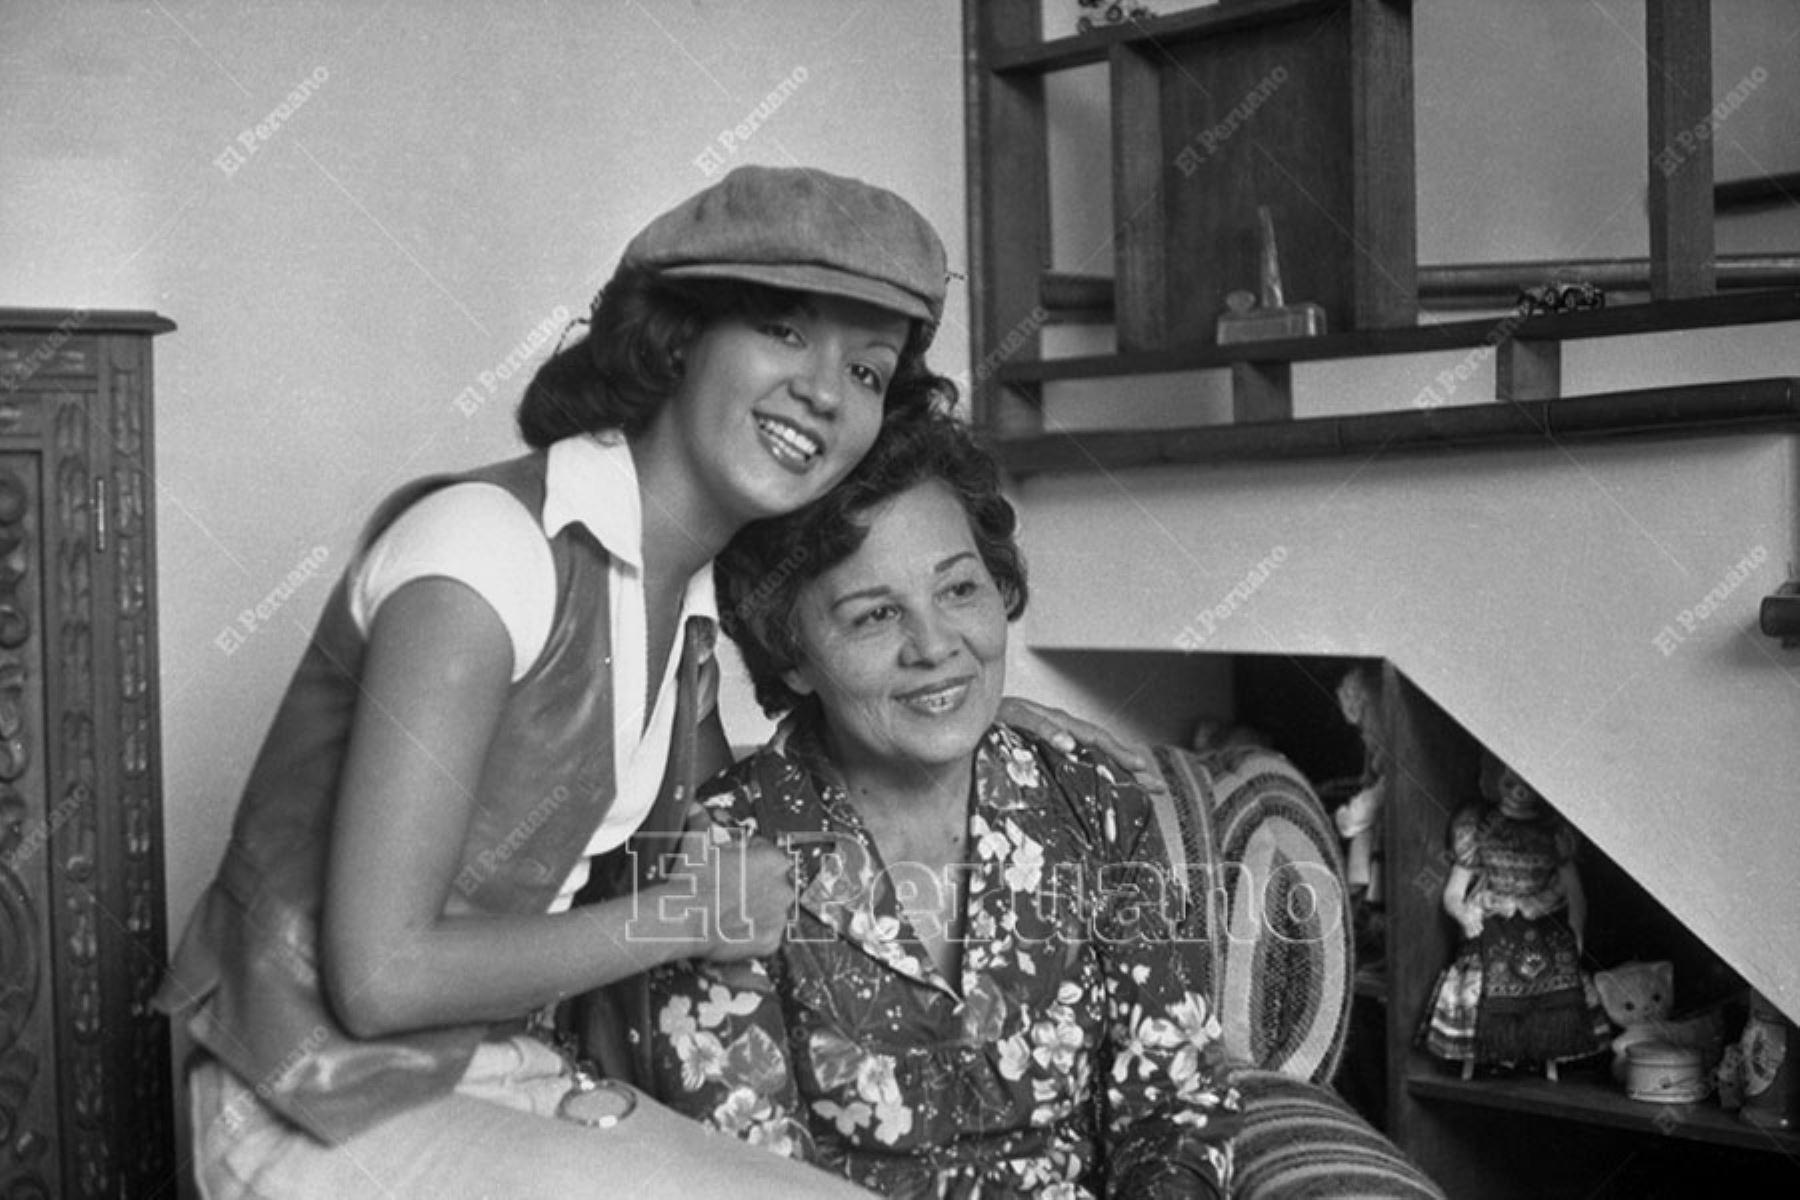 Lima - 8 mayo 1979 / Yola Polastri junto a su mamá para un especial de La Crónica por el Dia de la Madre. Foto: Archivo Histórico de El Peruano / Leoncio Mariscal